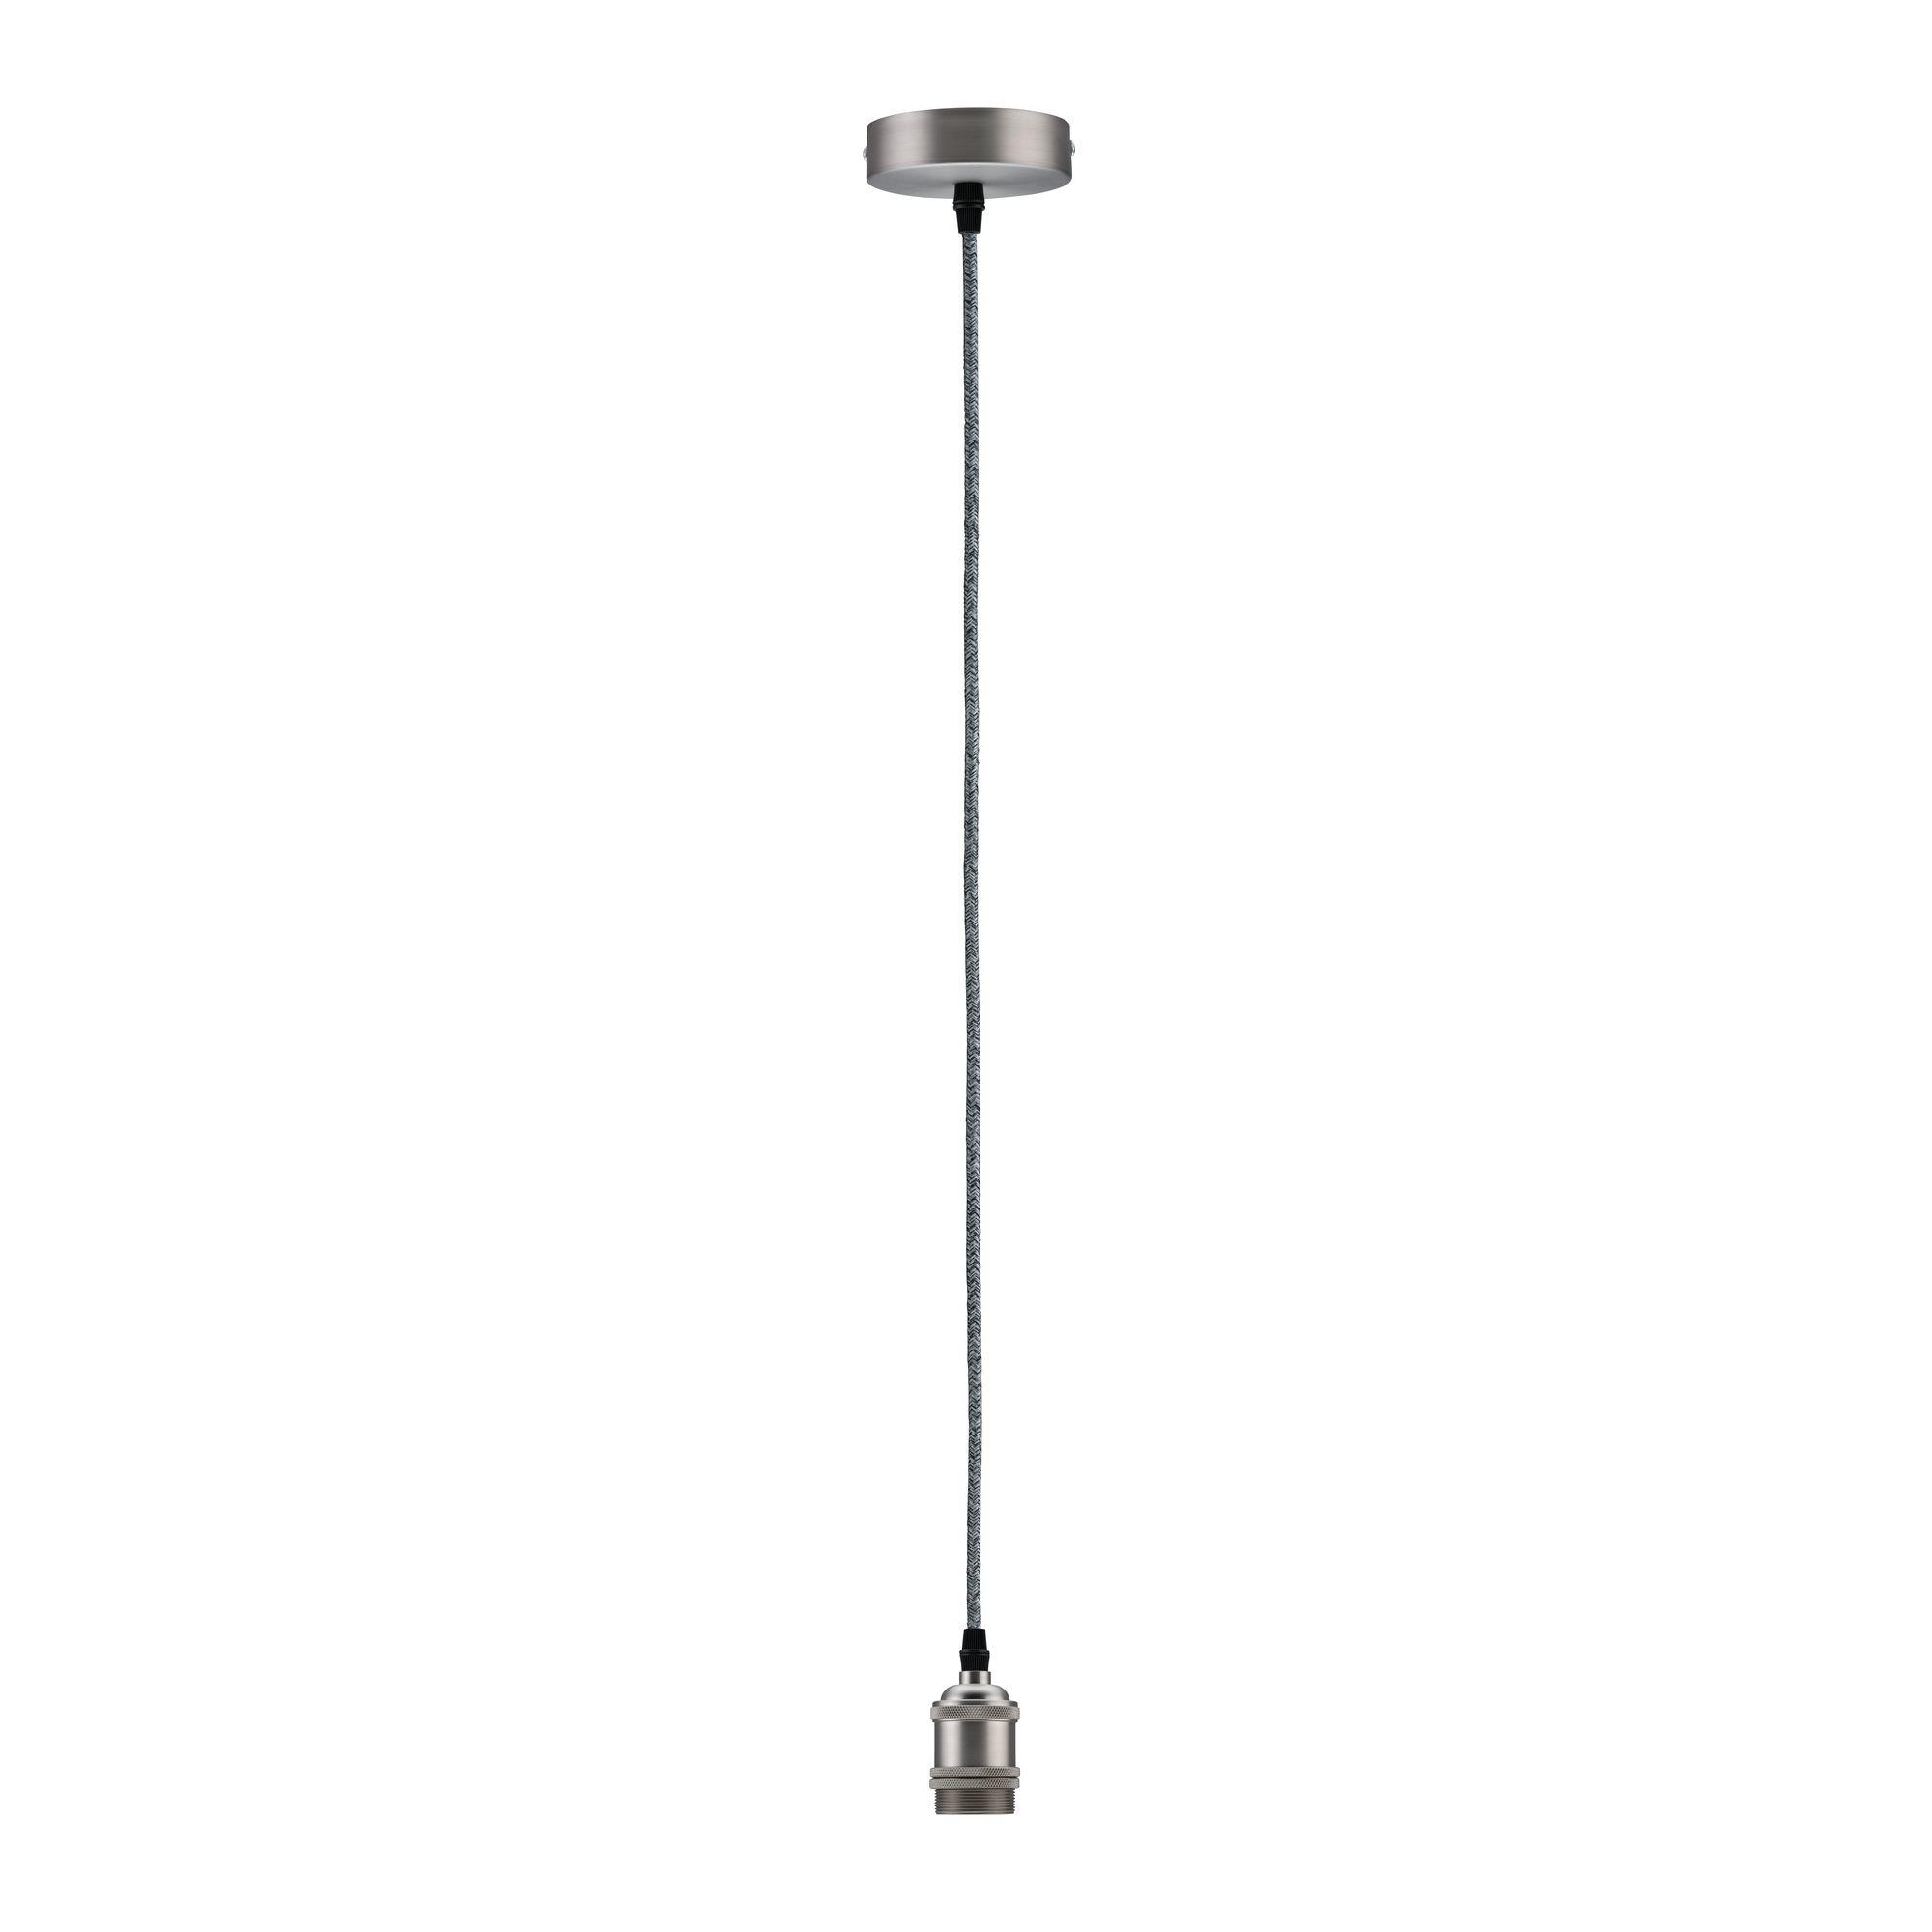 Paulmann Neordic Eldar Pendelleuchte max1x20WE27 Grau/Nickel geb 230V Metall